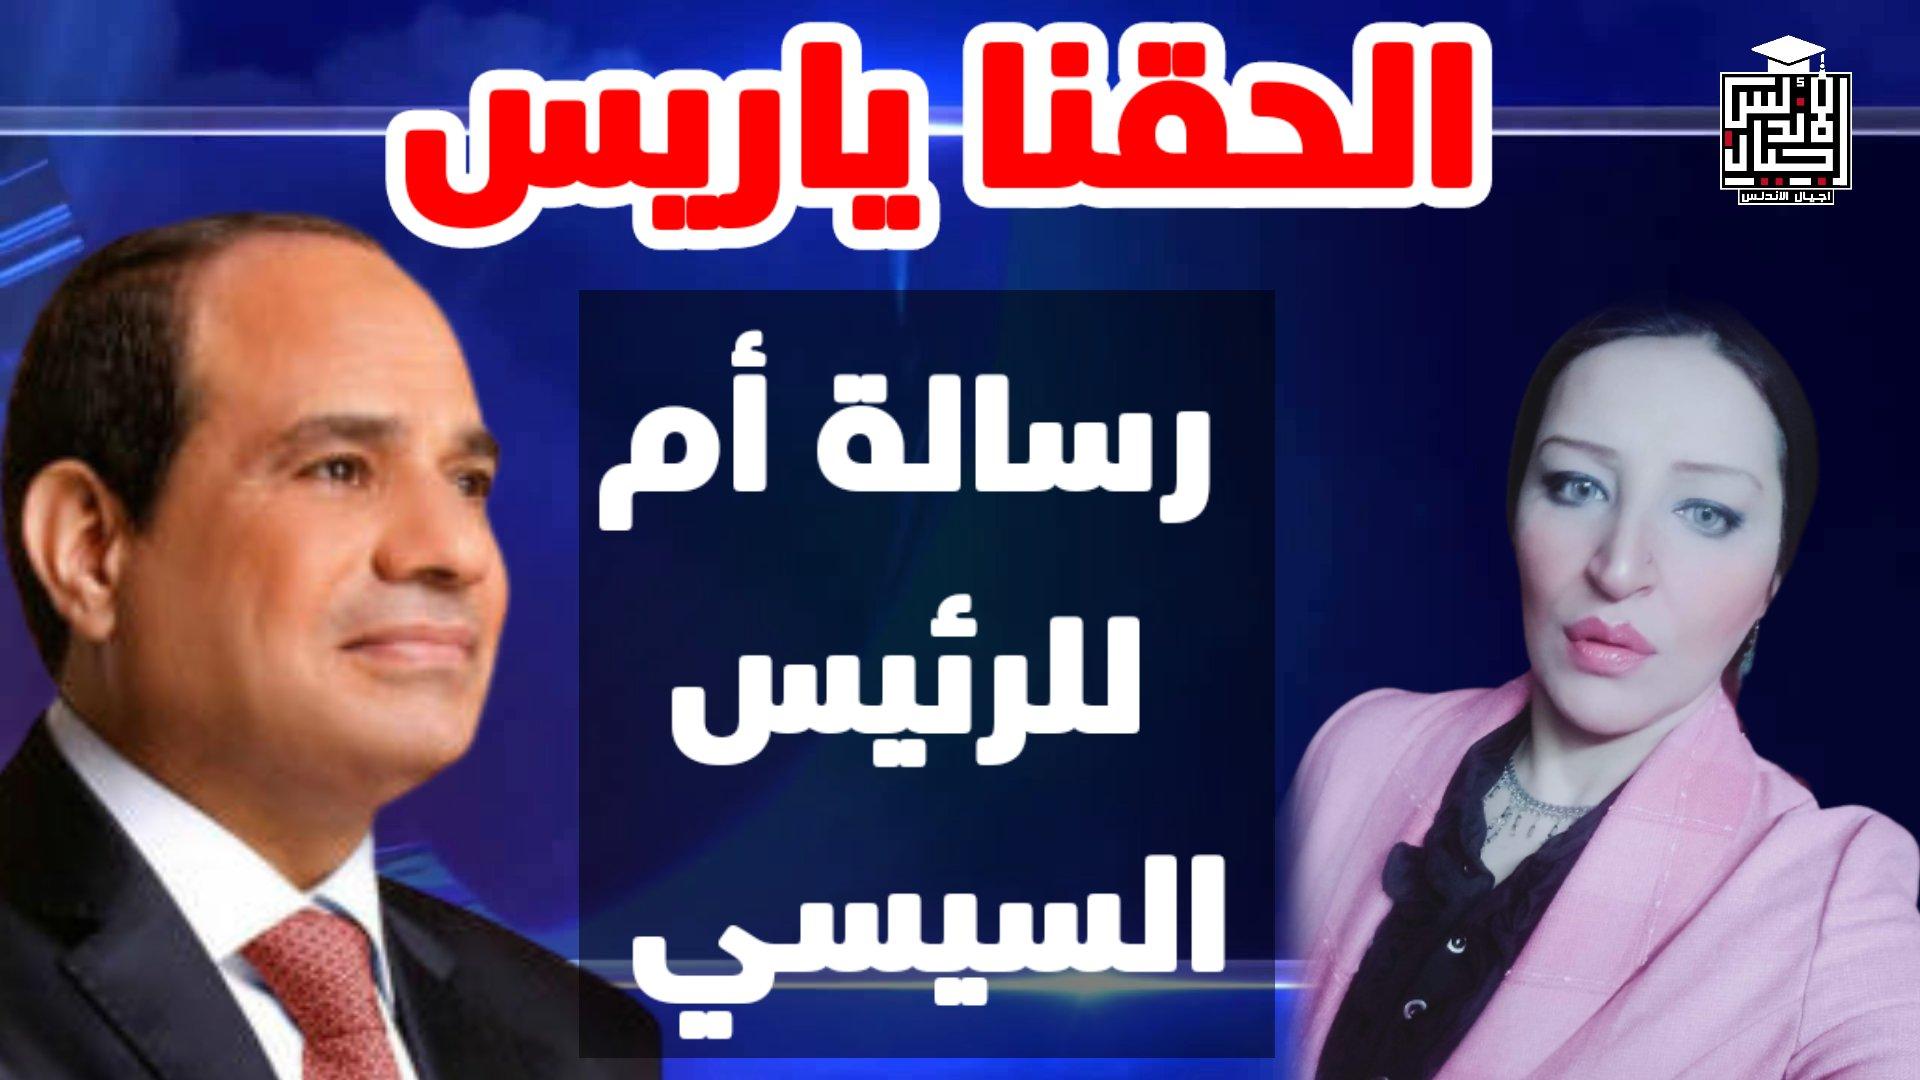 رسالة عاجلة من امهات مصر للرئيس السيسي -  امهات المحروسه تستغيث بالرئيس